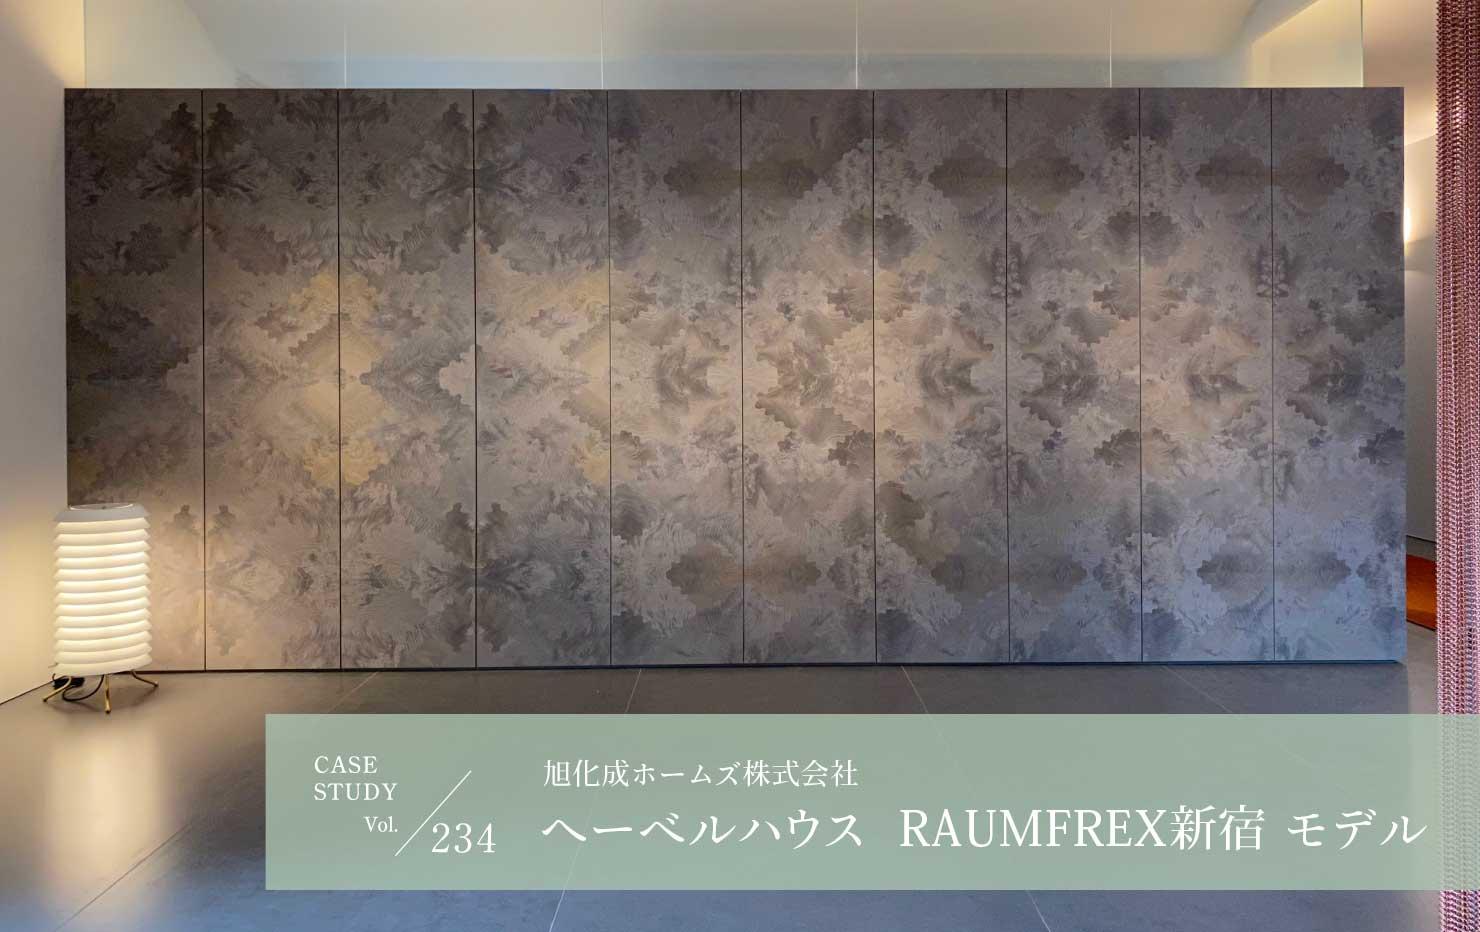 CASE STUDY vol.234 旭化成ホームズ株式会社 ヘーベルハウス RAUMFREX新宿 モデル